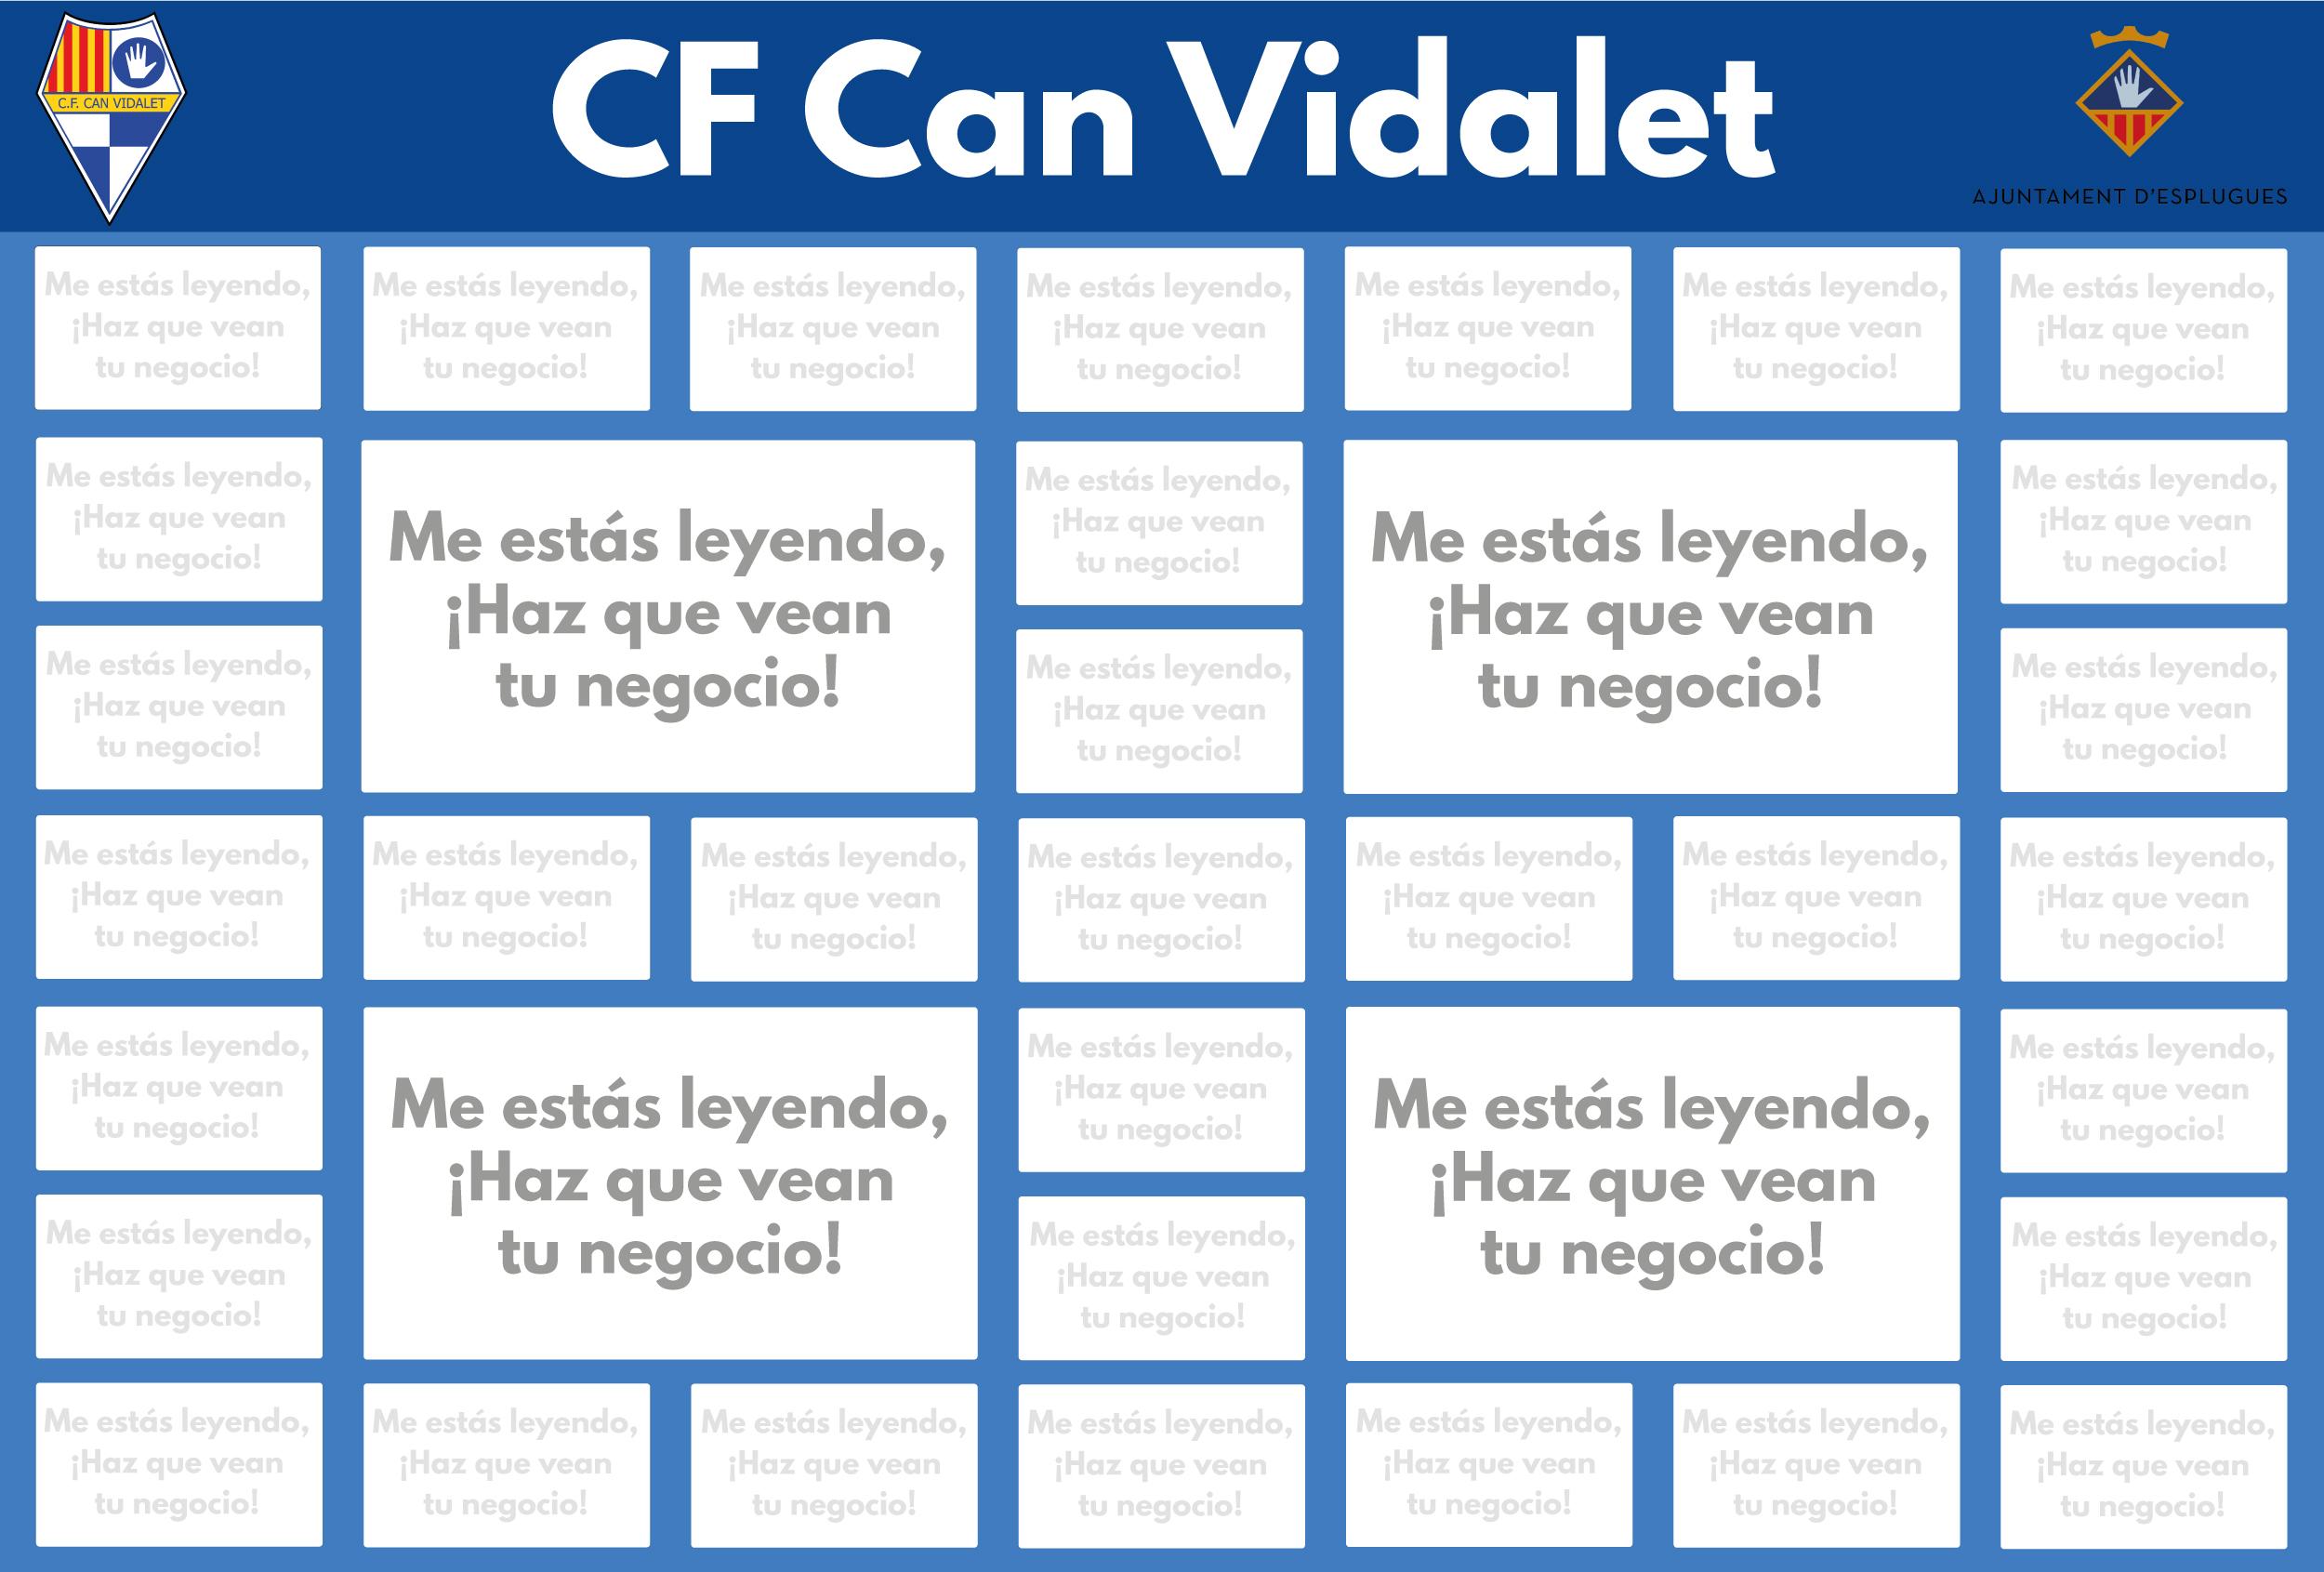 https://www.cfcanvidalet.com/wp-content/uploads/2018/07/Photocall-FINAL_V2.jpg